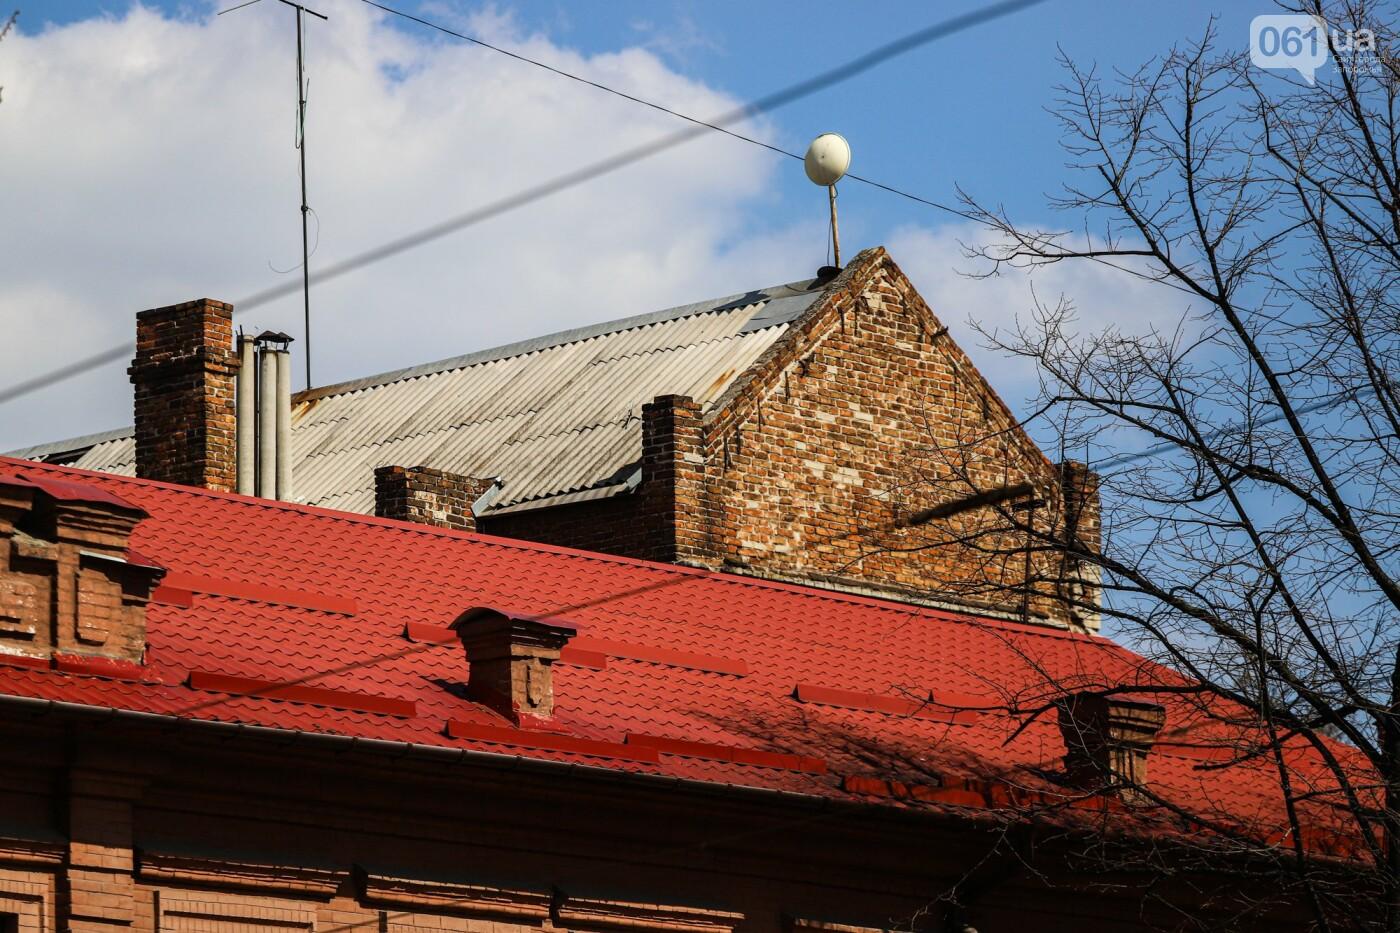 Памятники Старого Александровска: как сейчас выглядит доходный дом Регирера, - ФОТО, фото-4